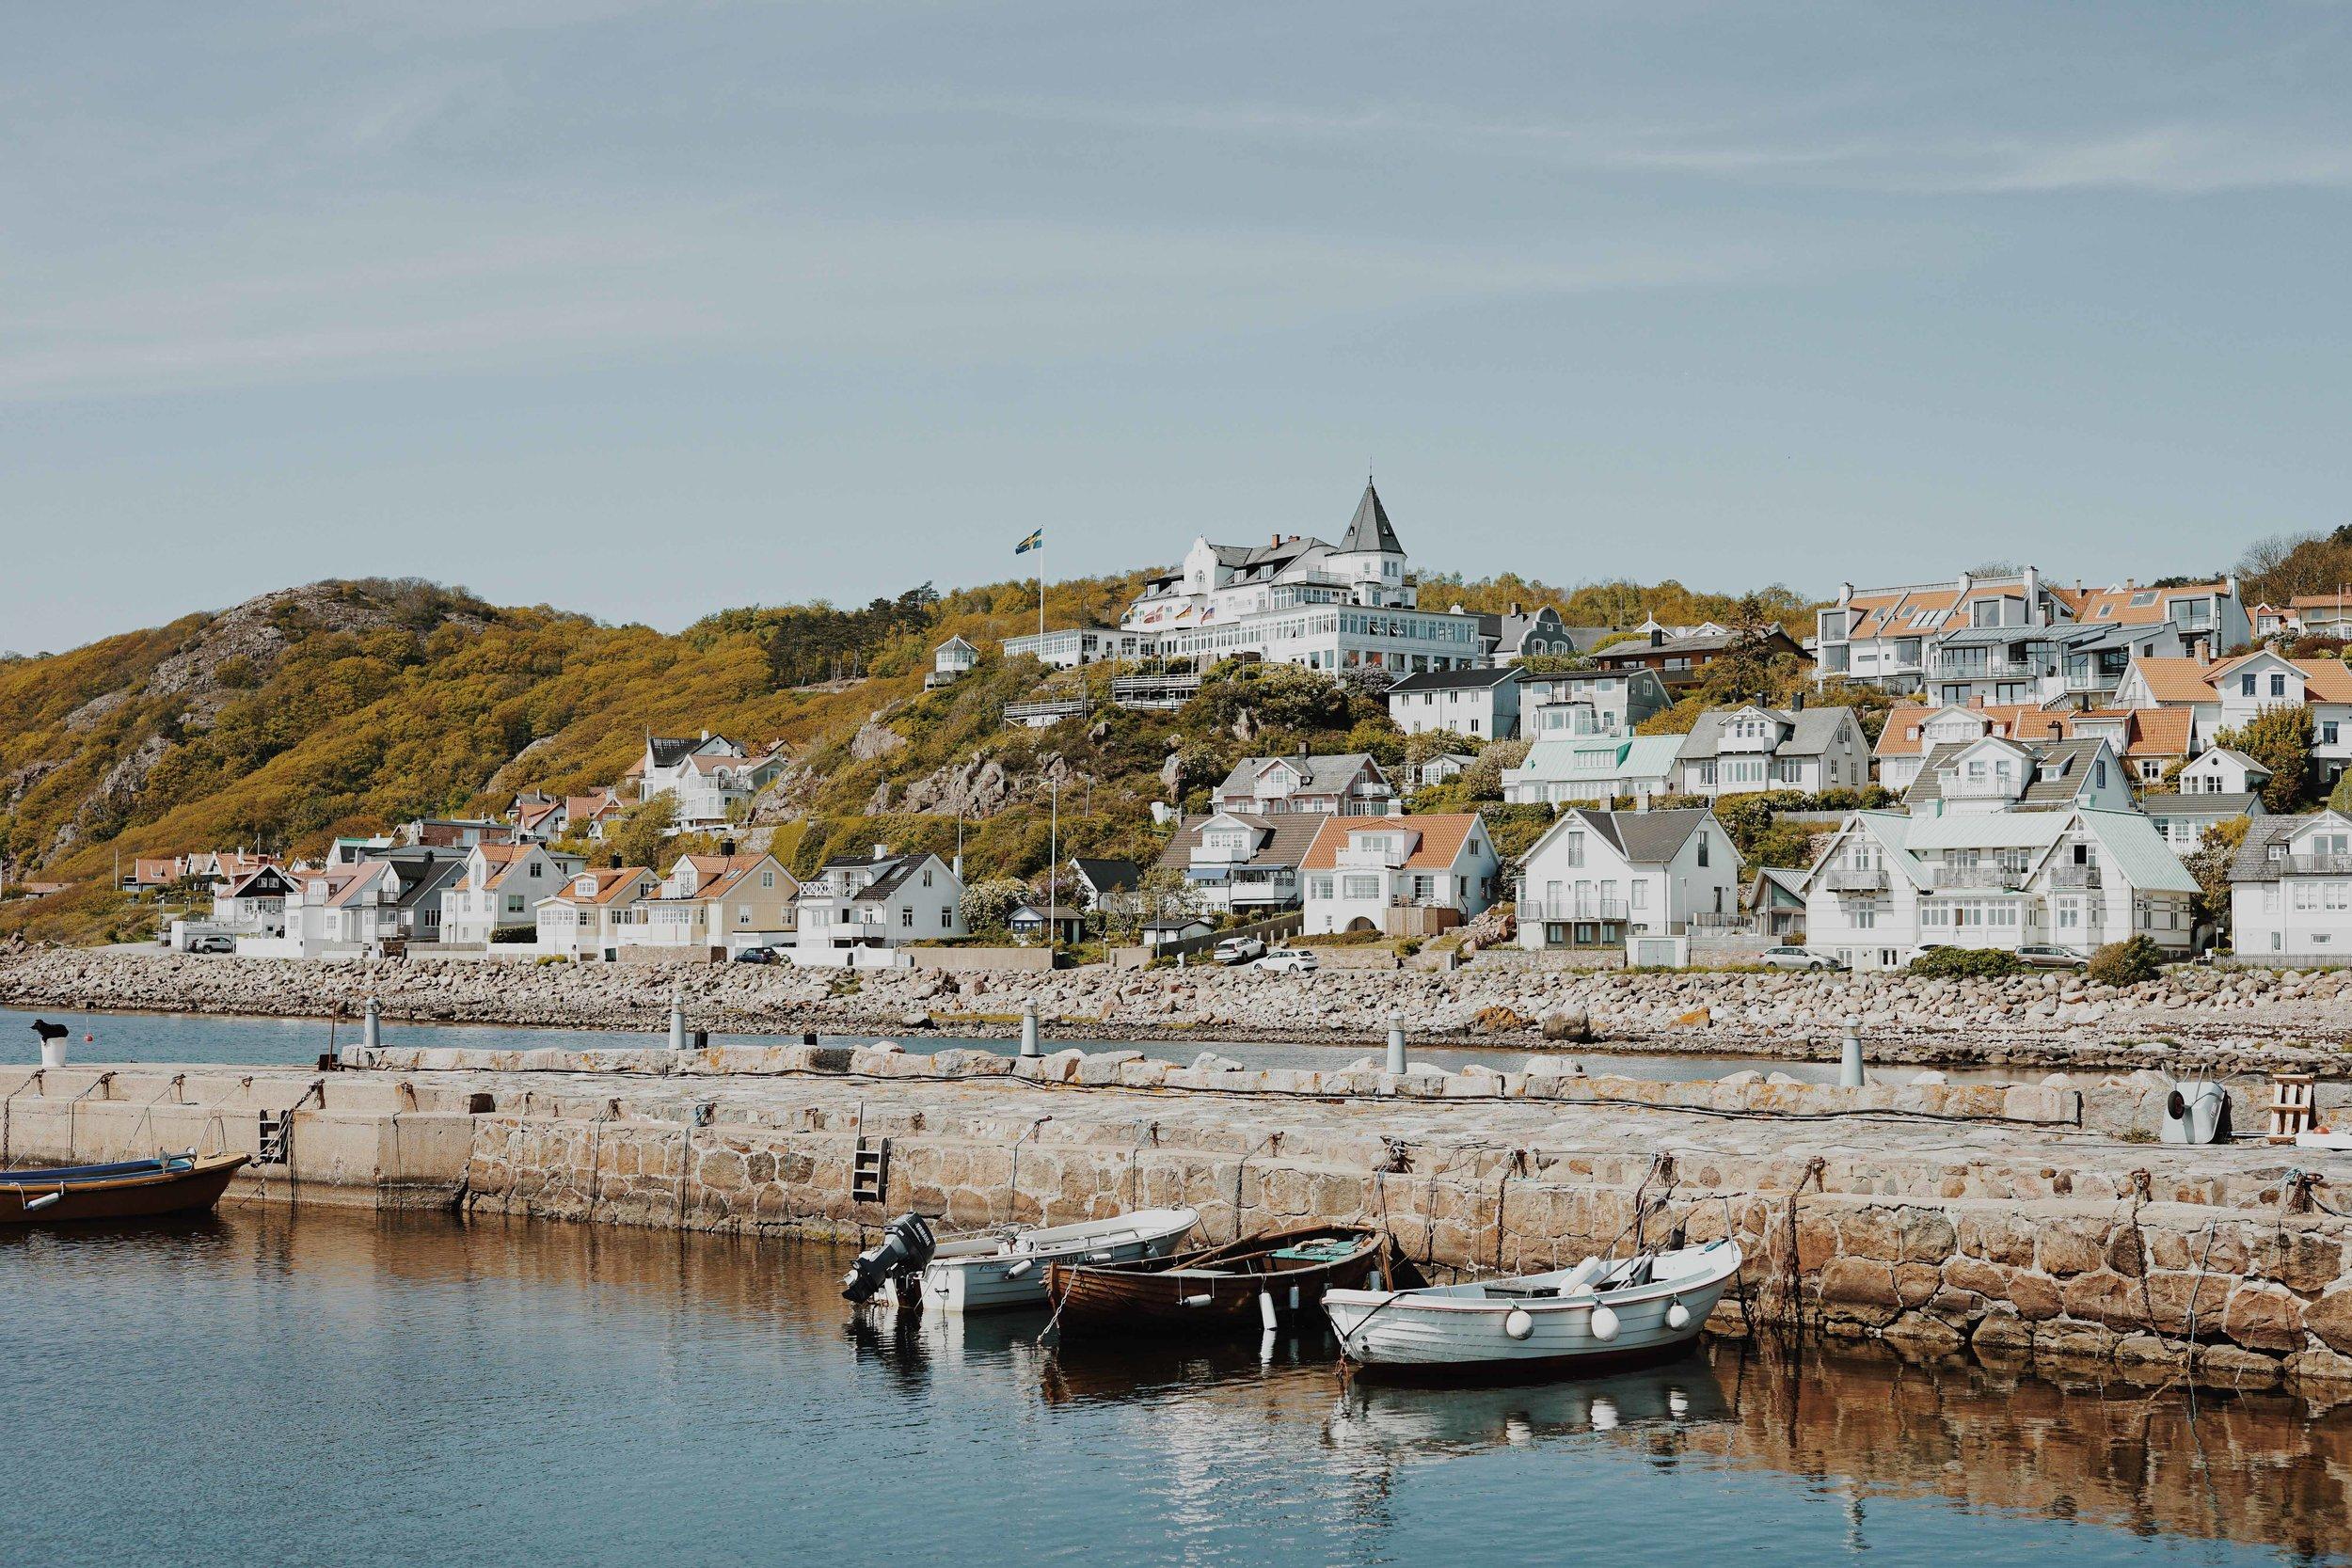 ASROSENVINGE_VisitSkane_Sweden_Molle_Harbour_LowRes-85.jpg